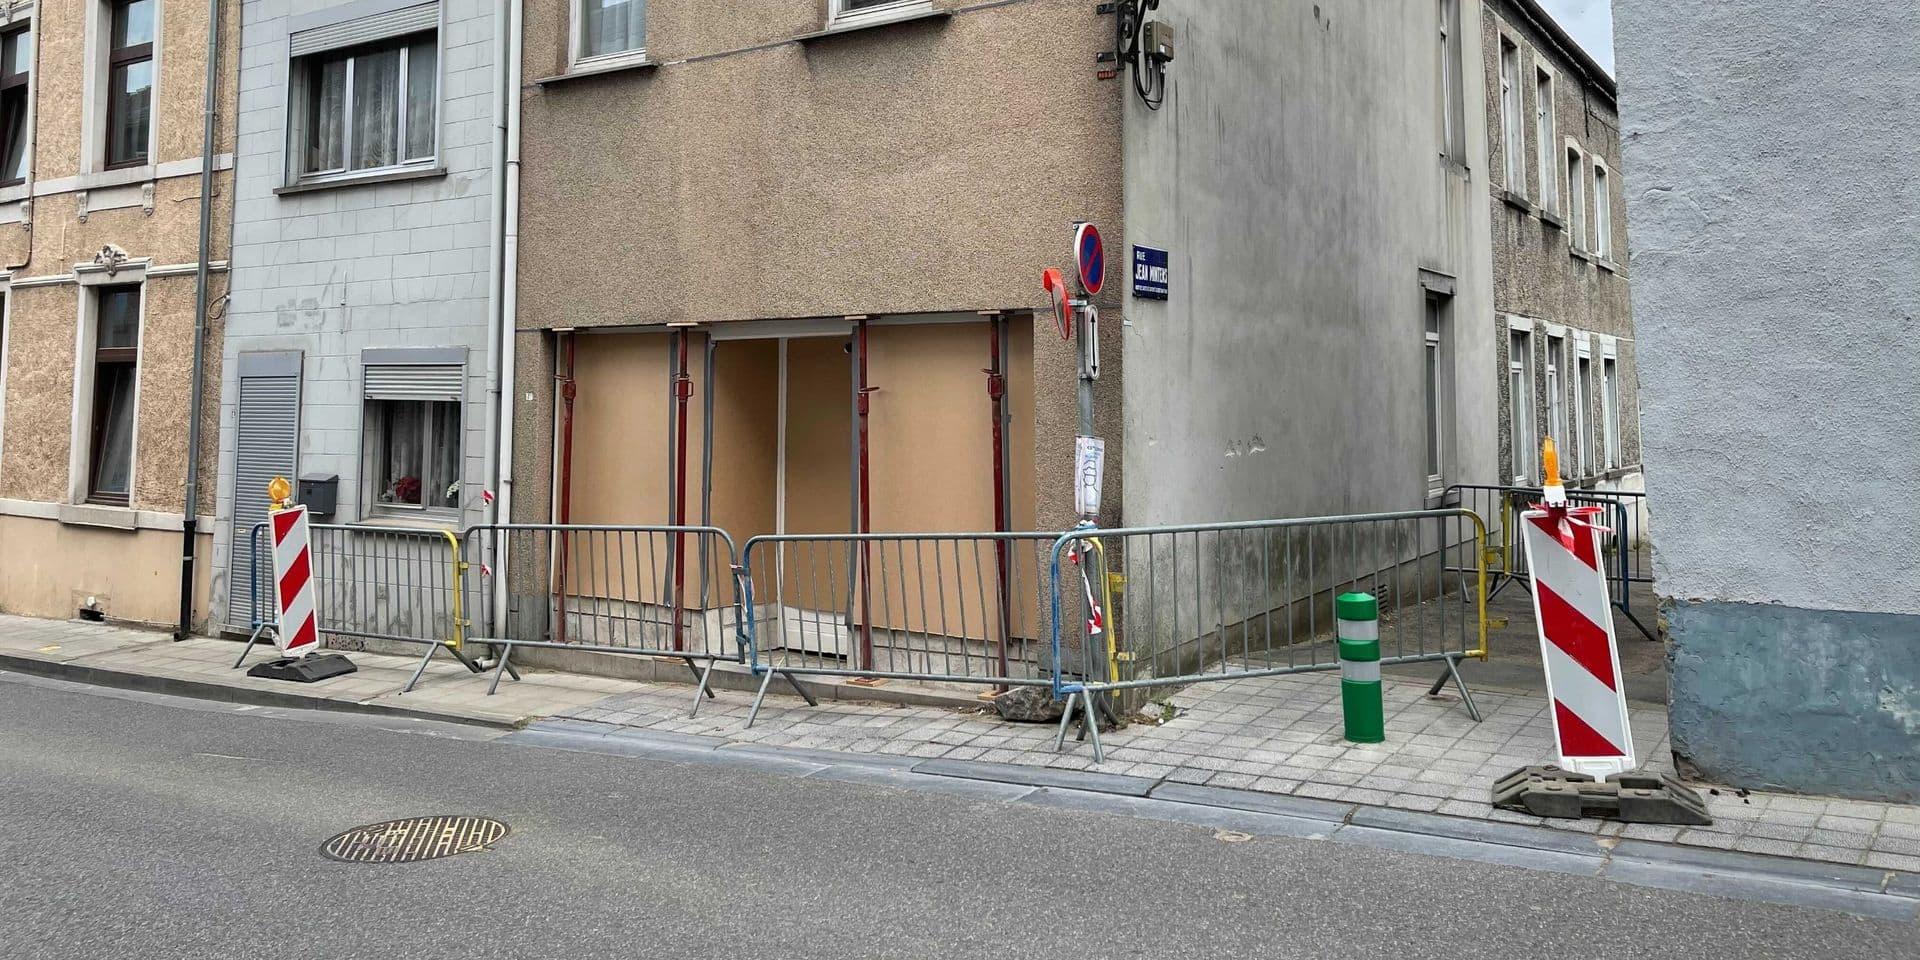 Effondrement de voirie dans le centre de Genappe: la rue de Ways fermée